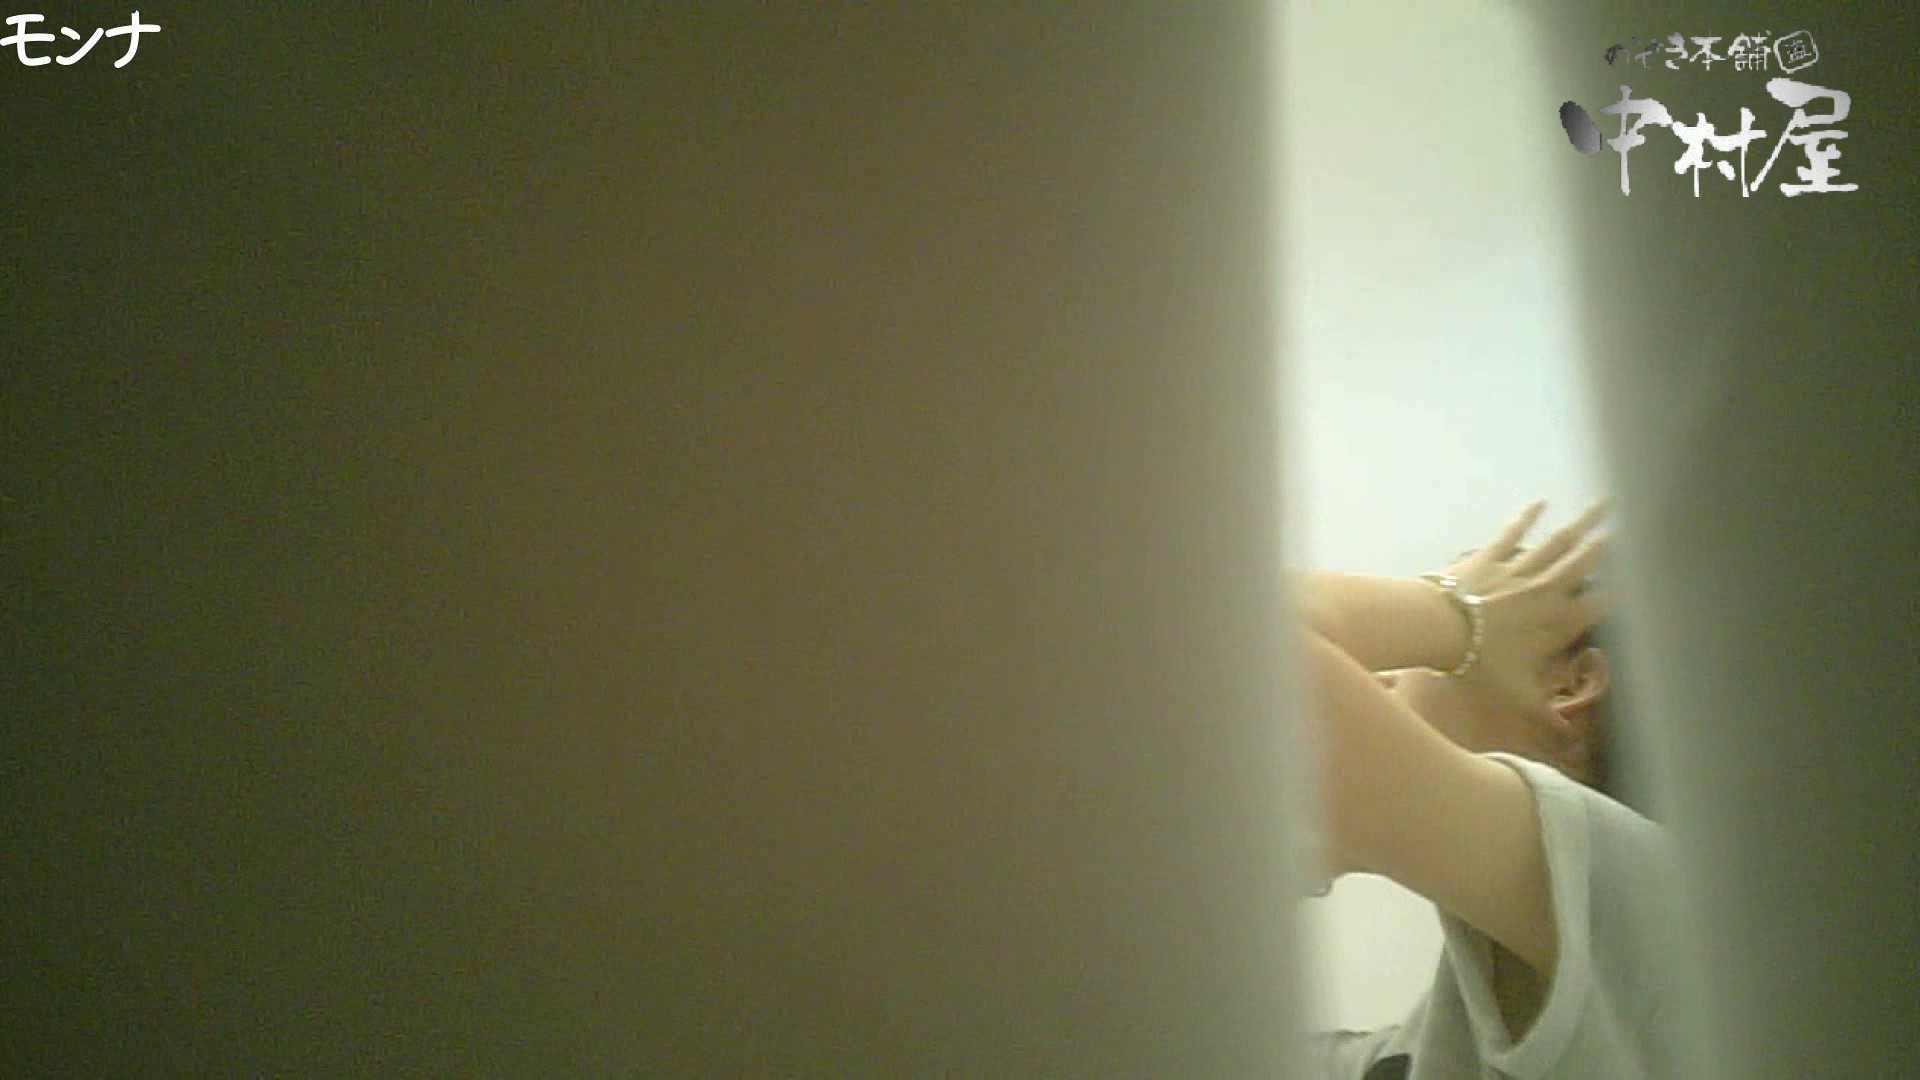 有名大学女性洗面所 vol.65 秘技!!マルチアングル天井撮り!! 和式 | 洗面所  91pic 25